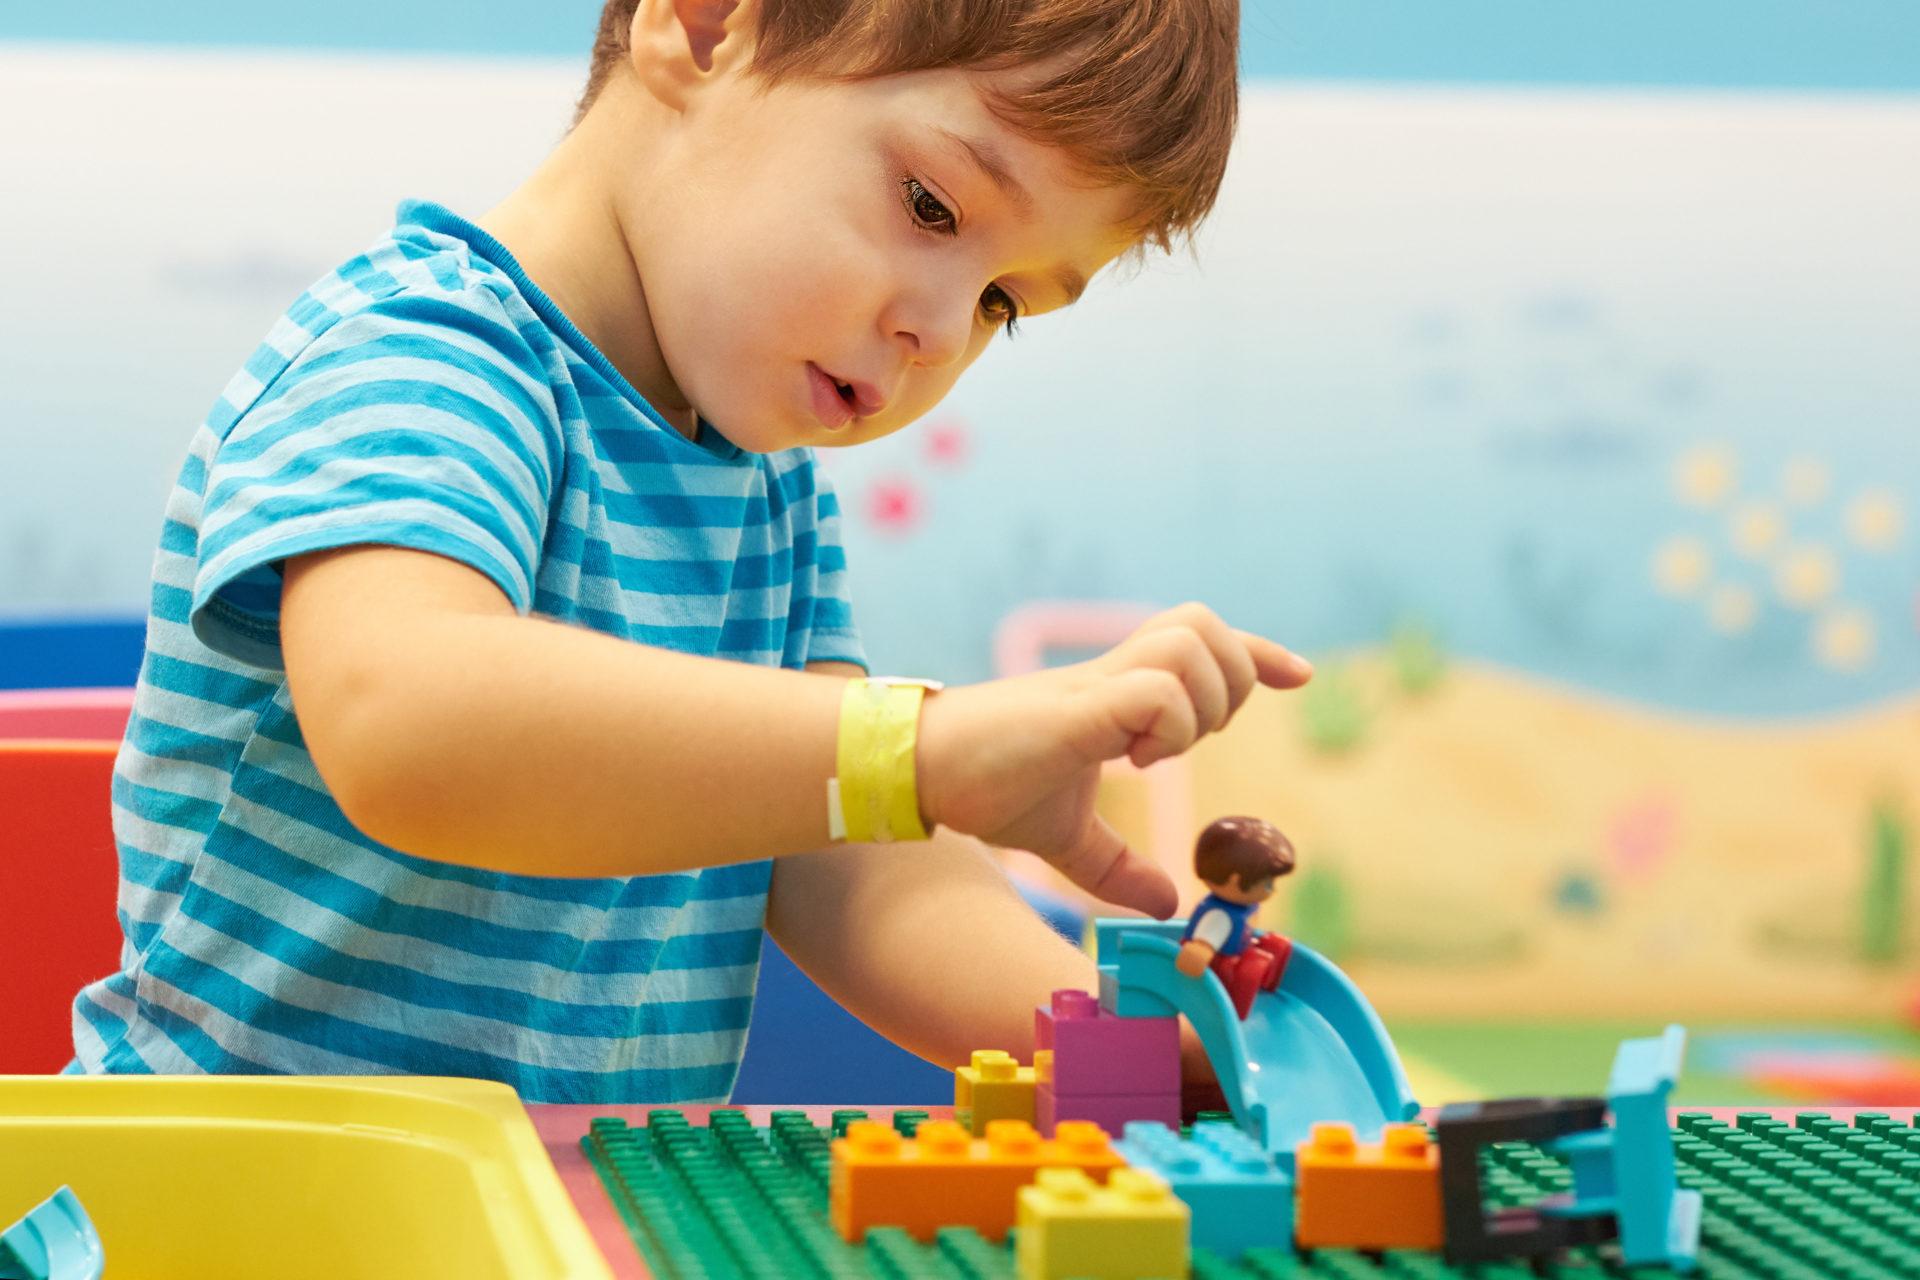 Jeu, Jouet Enfant - Jeu Enfant 2 Ans, 3 Ans, 4 Ans Et 5 Ans dedans Jeux Pour Garcon 3 Ans